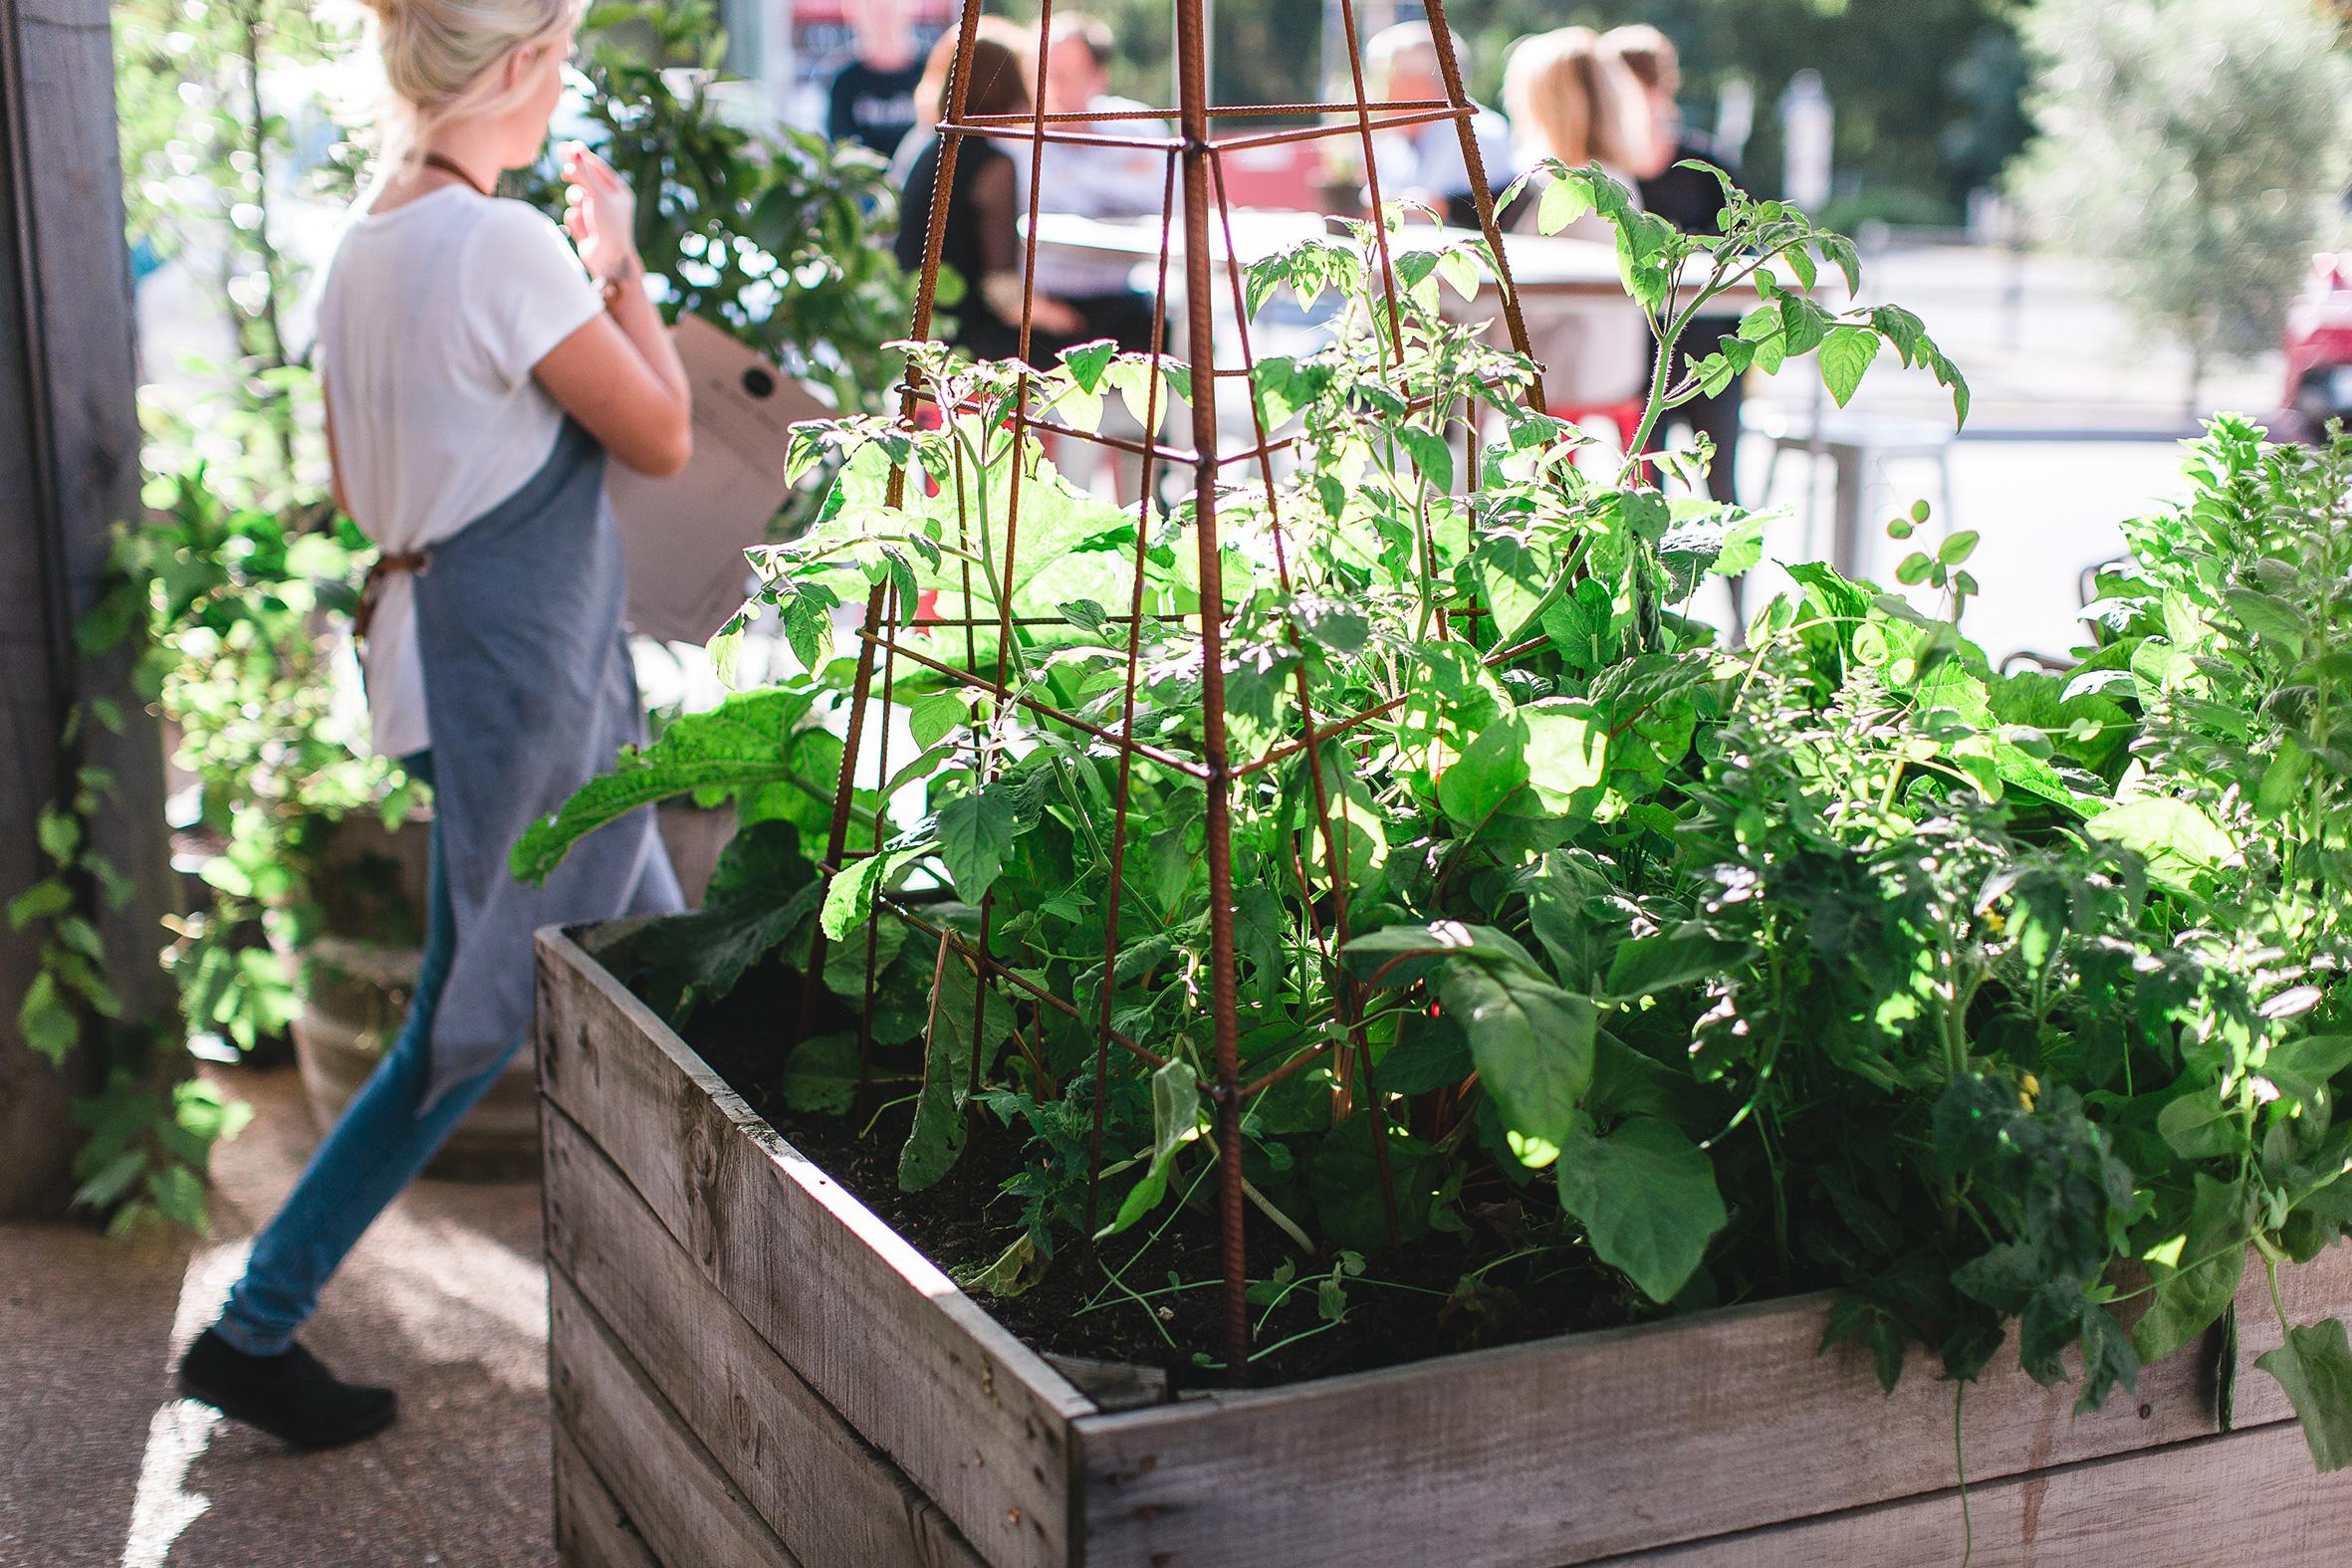 The-Epicurean_The-Store_Planter-Boxes.jpeg